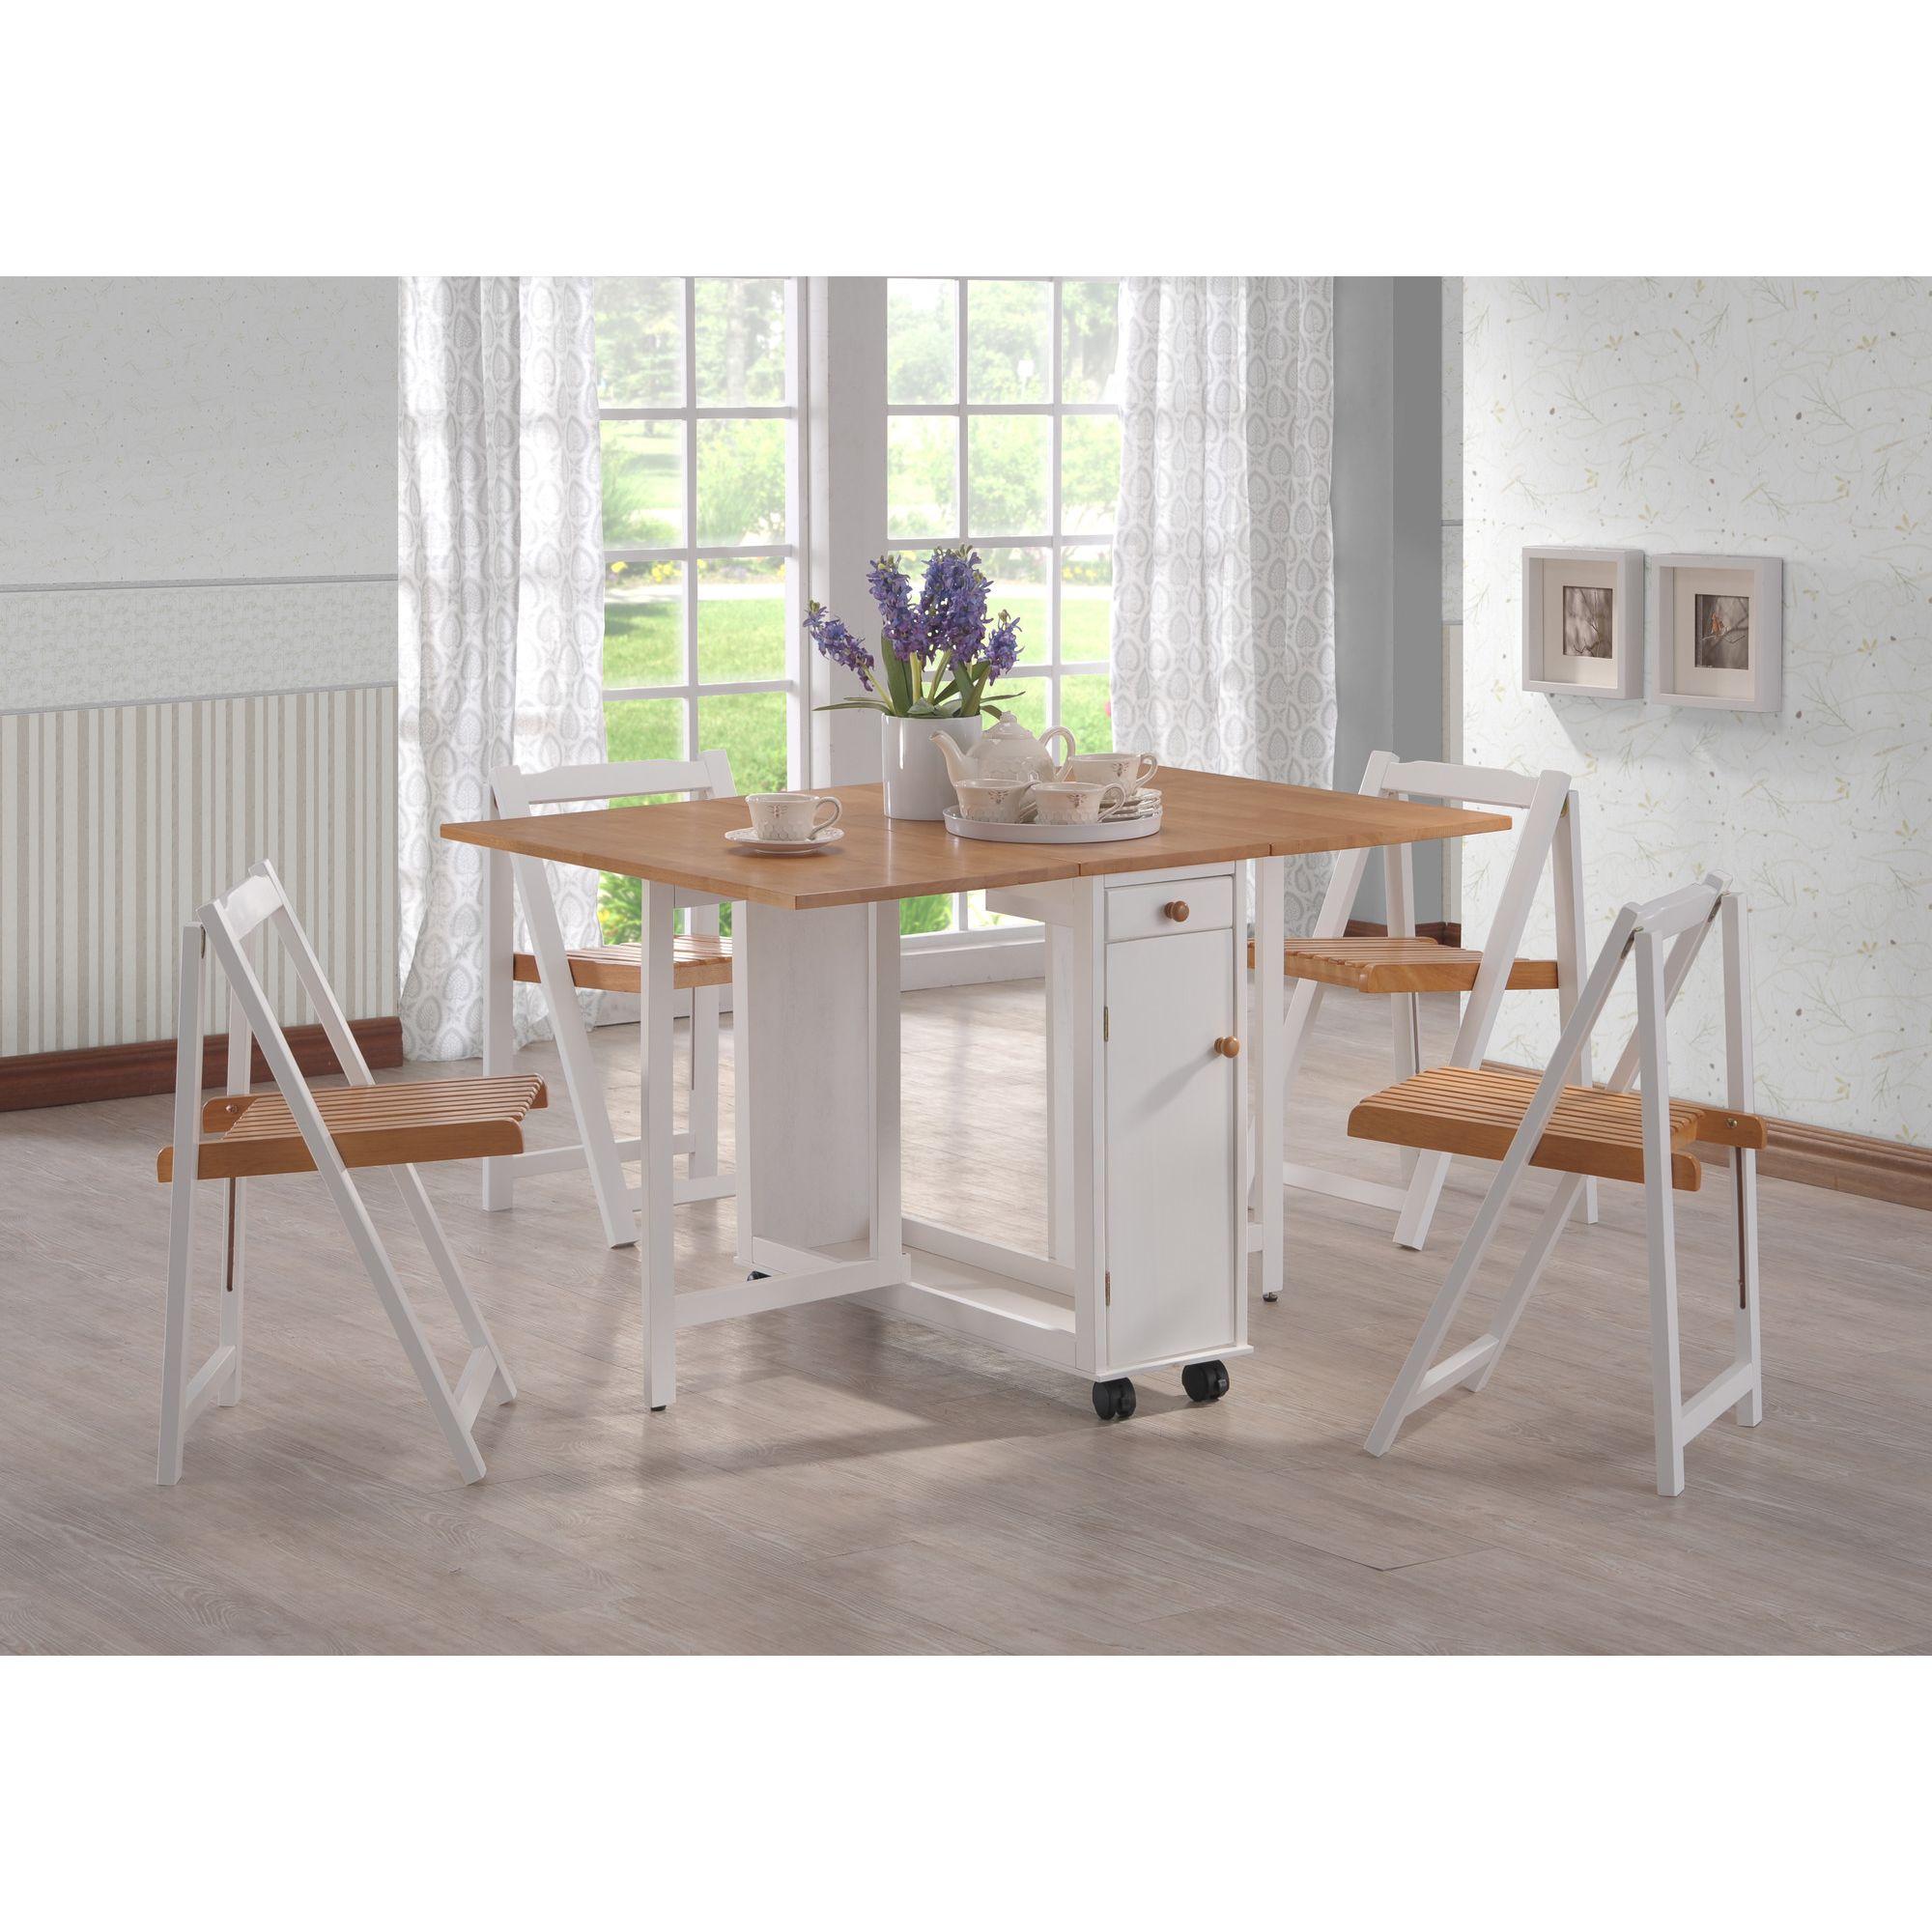 G&P Furniture Gate-Leg 5 Piece Dining Set at Tesco Direct